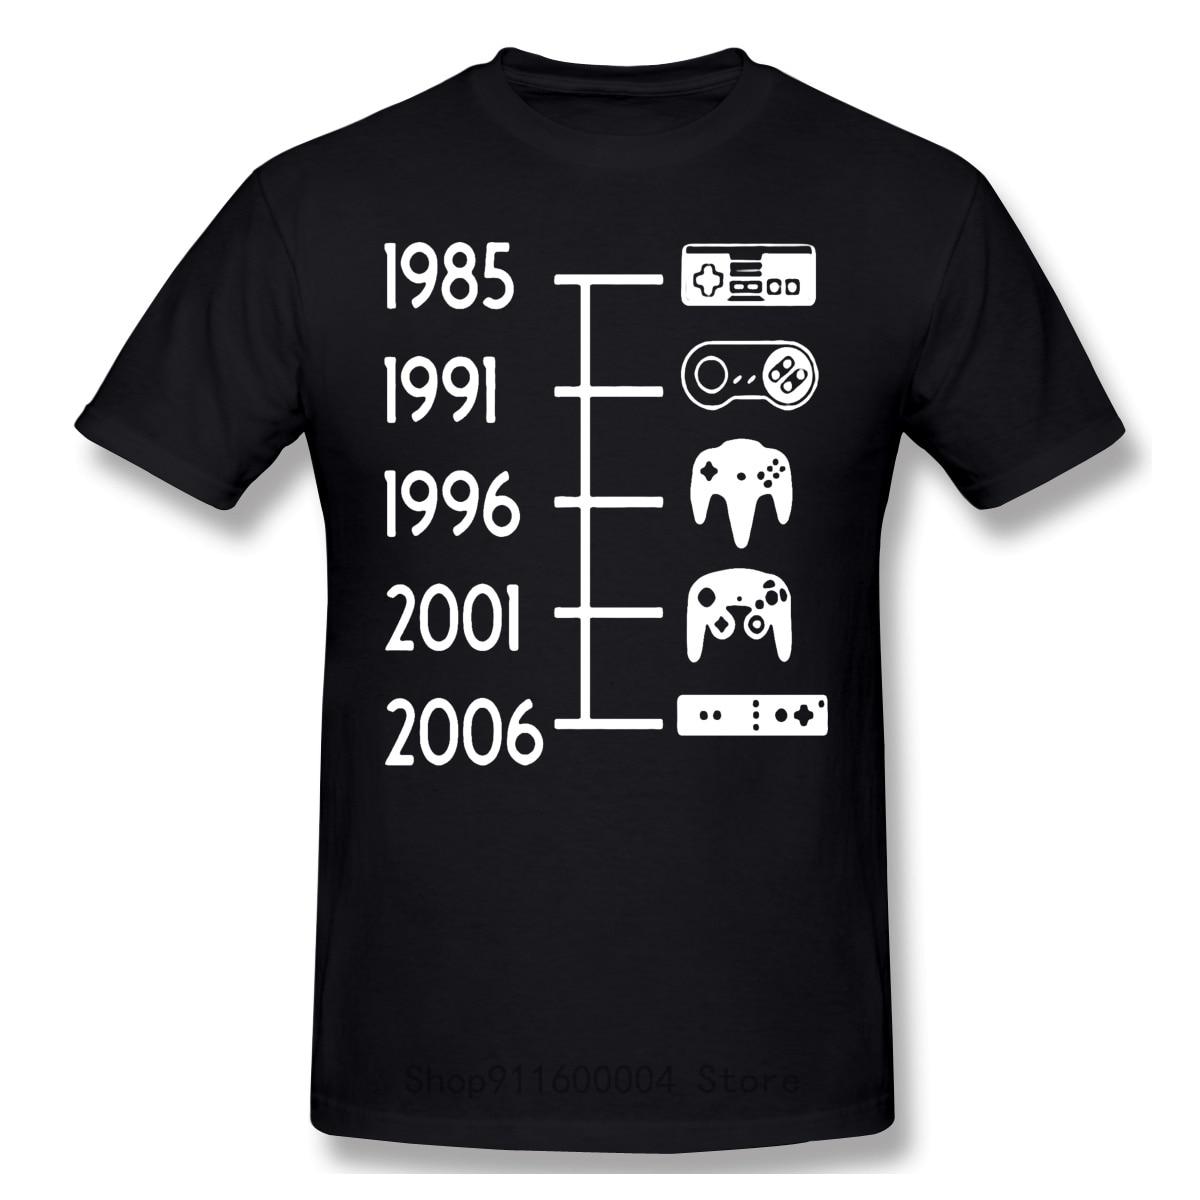 Camiseta con control L Nea De Tiempo para hombre, camisa Divertida Retro...